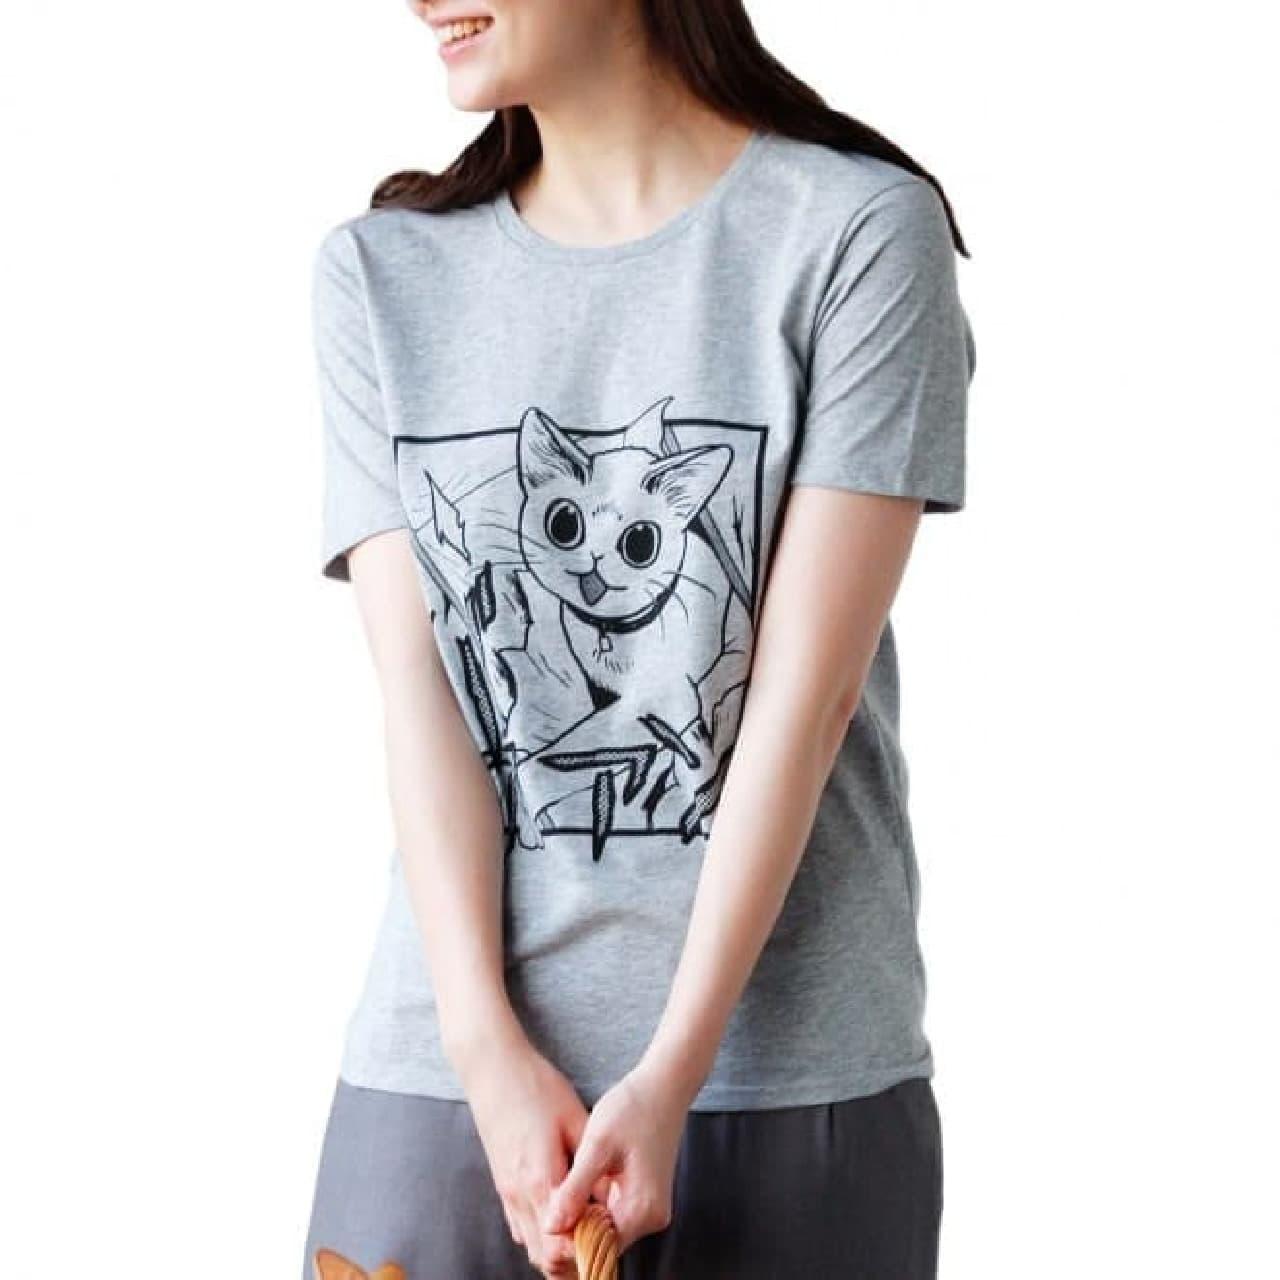 「猫好き猛アピールTシャツ」のWeb販売開始 山野りんりんさんの描くネコは、やっぱりカワイイ!